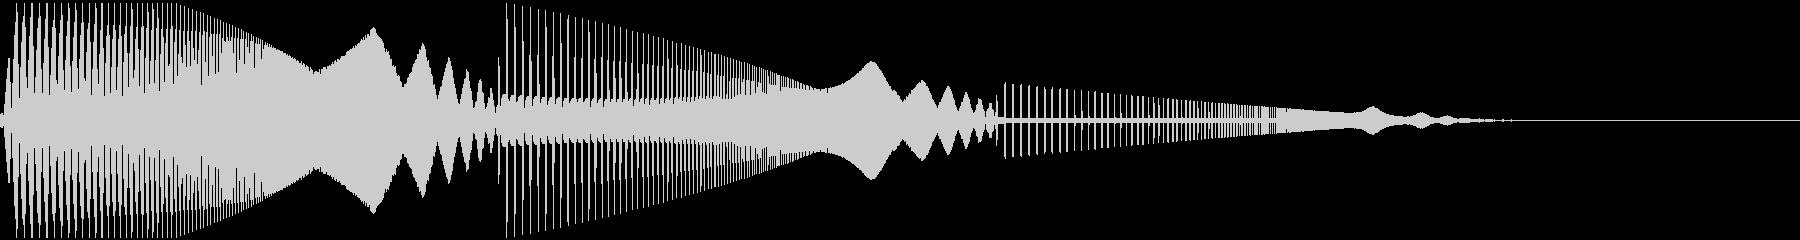 ピュイピュイ(エラー/サイレン/ブザー)の未再生の波形